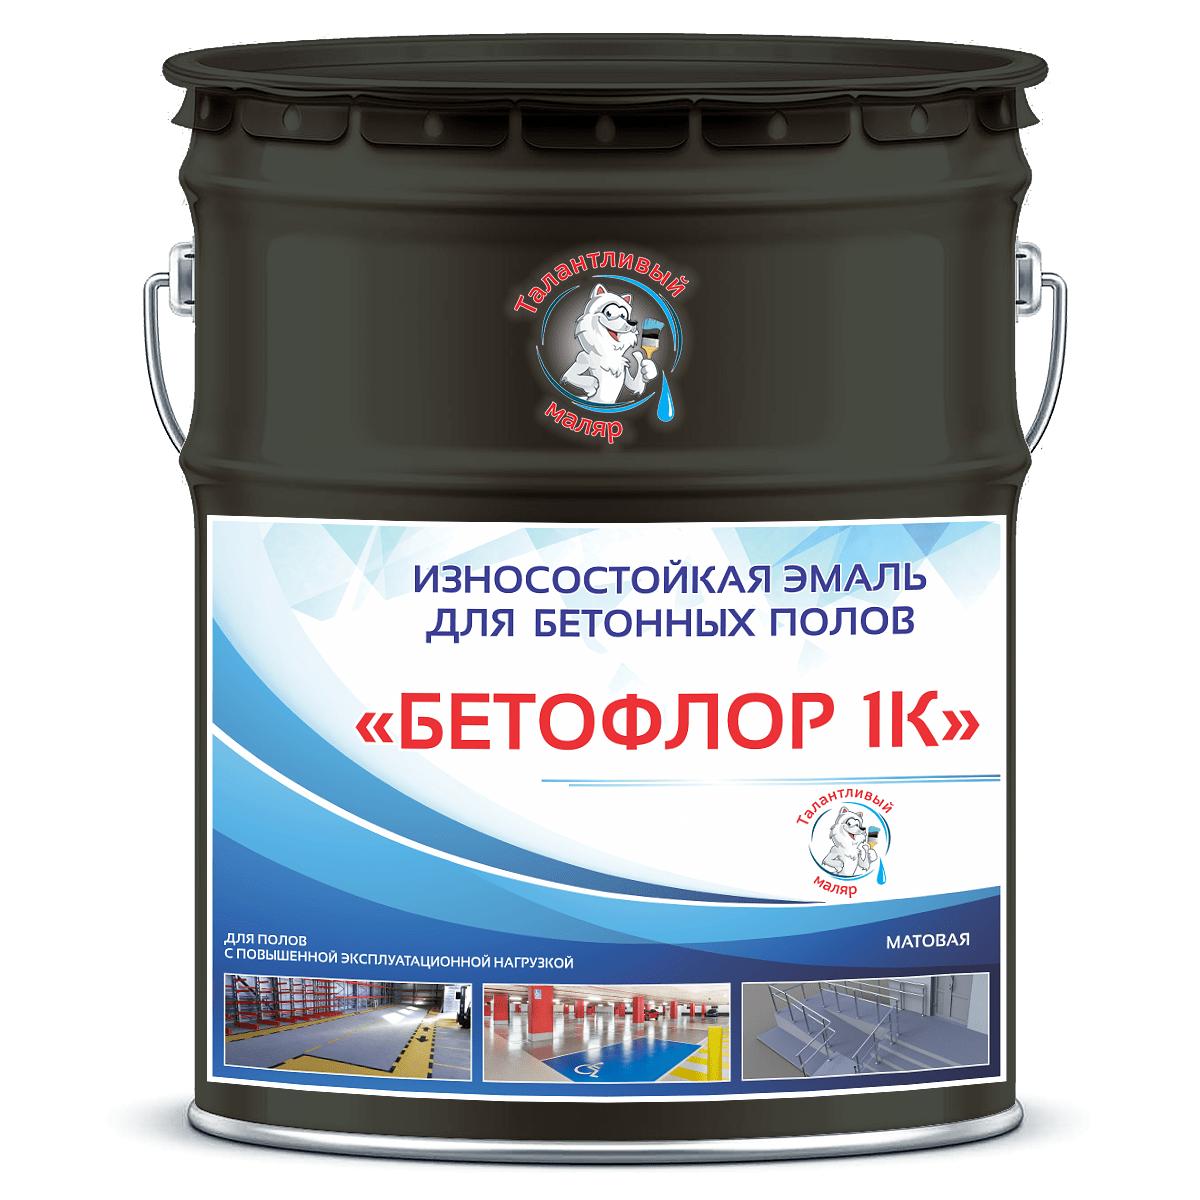 """Фото 16 - BF6015 Эмаль для бетонных полов """"Бетофлор"""" 1К цвет RAL 6015 Чёрно-оливковый, матовая износостойкая, 25 кг """"Талантливый Маляр""""."""